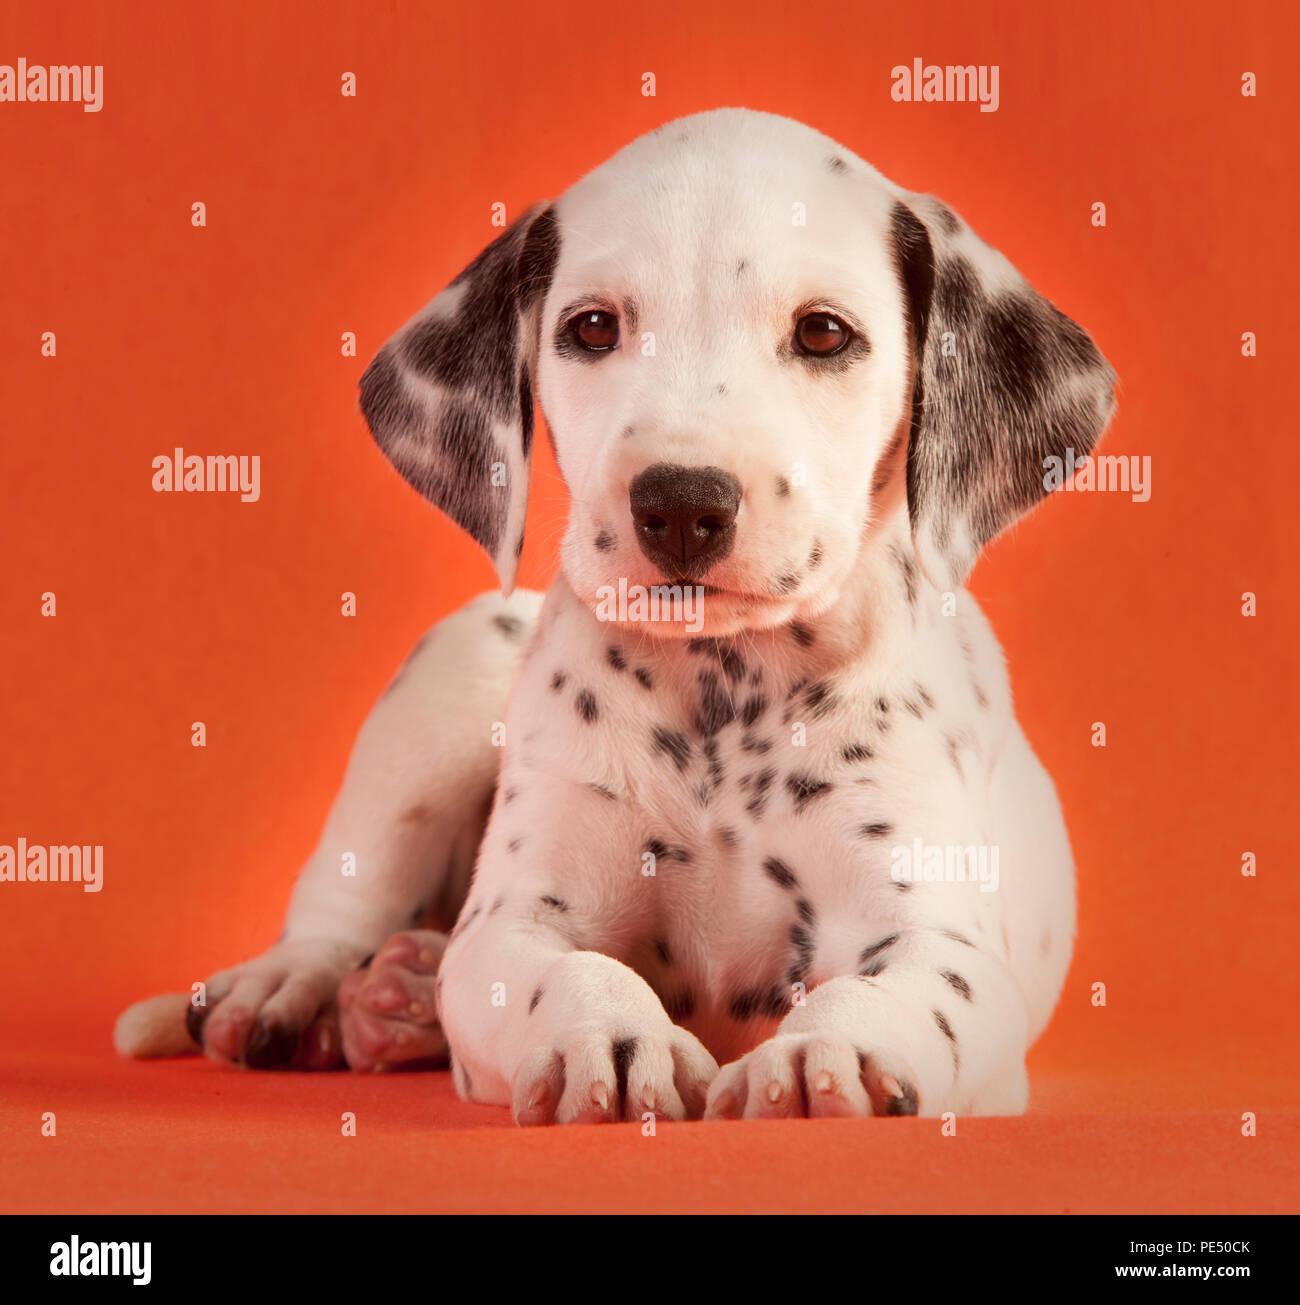 Cucciolo Di Cane Dalmata In Studio Con Sfondo Arancione Foto